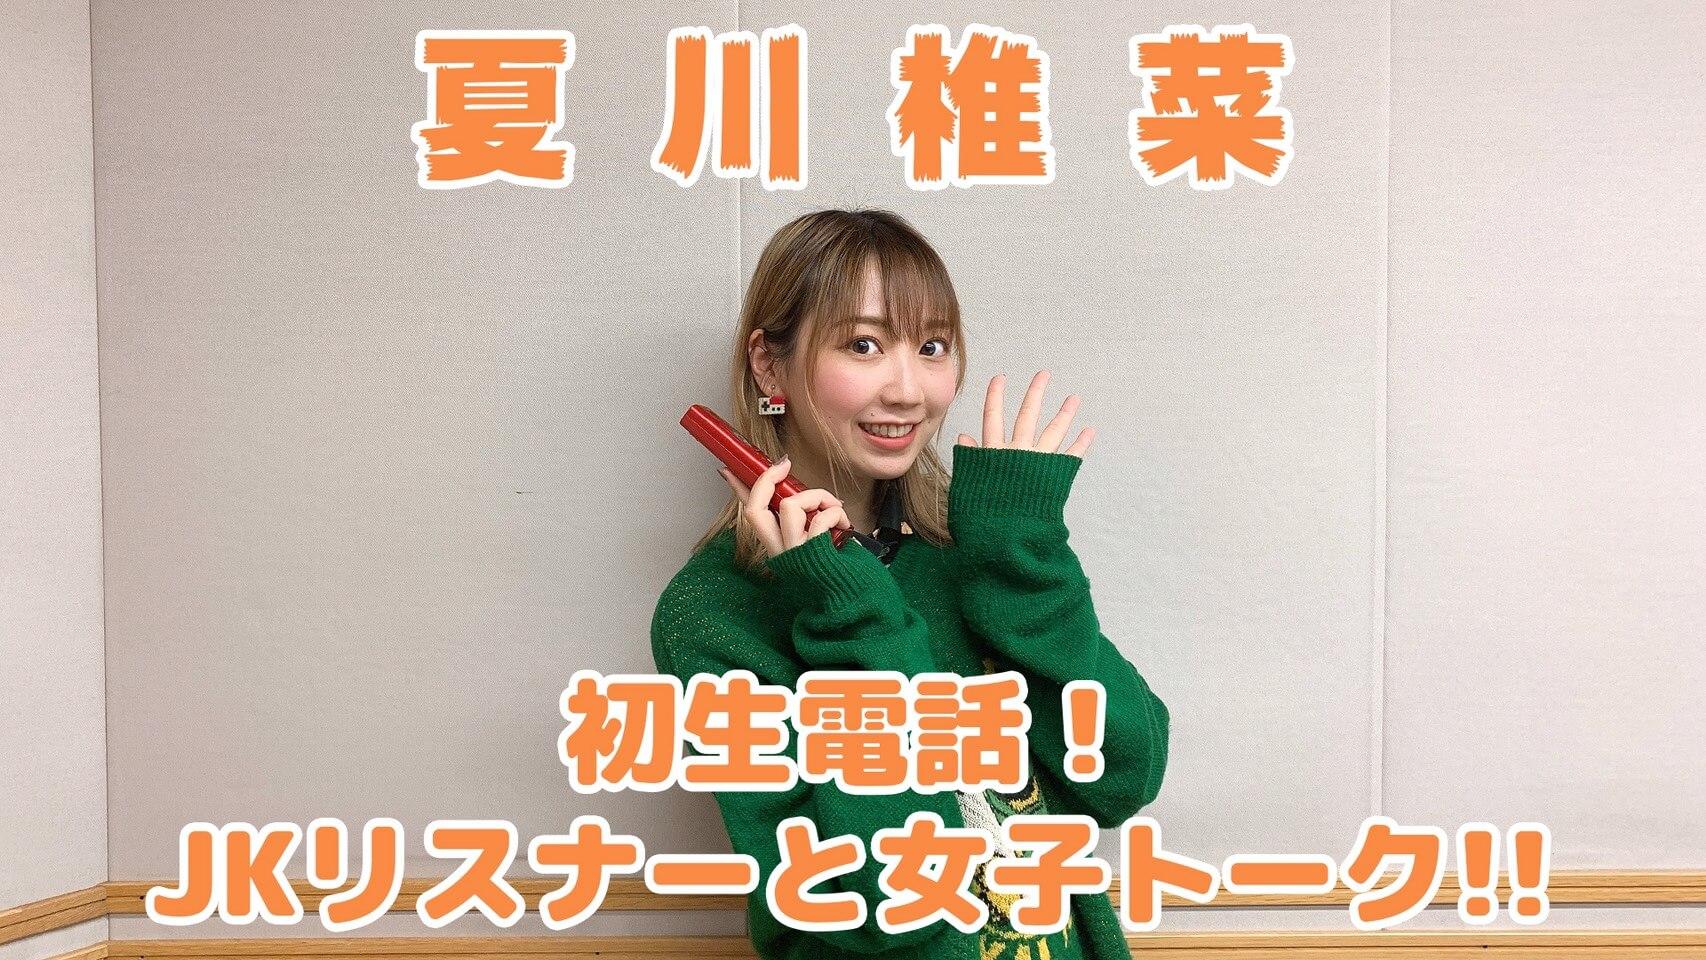 【夏川椎菜】初生電話!JKリスナーと女子トーーーク!